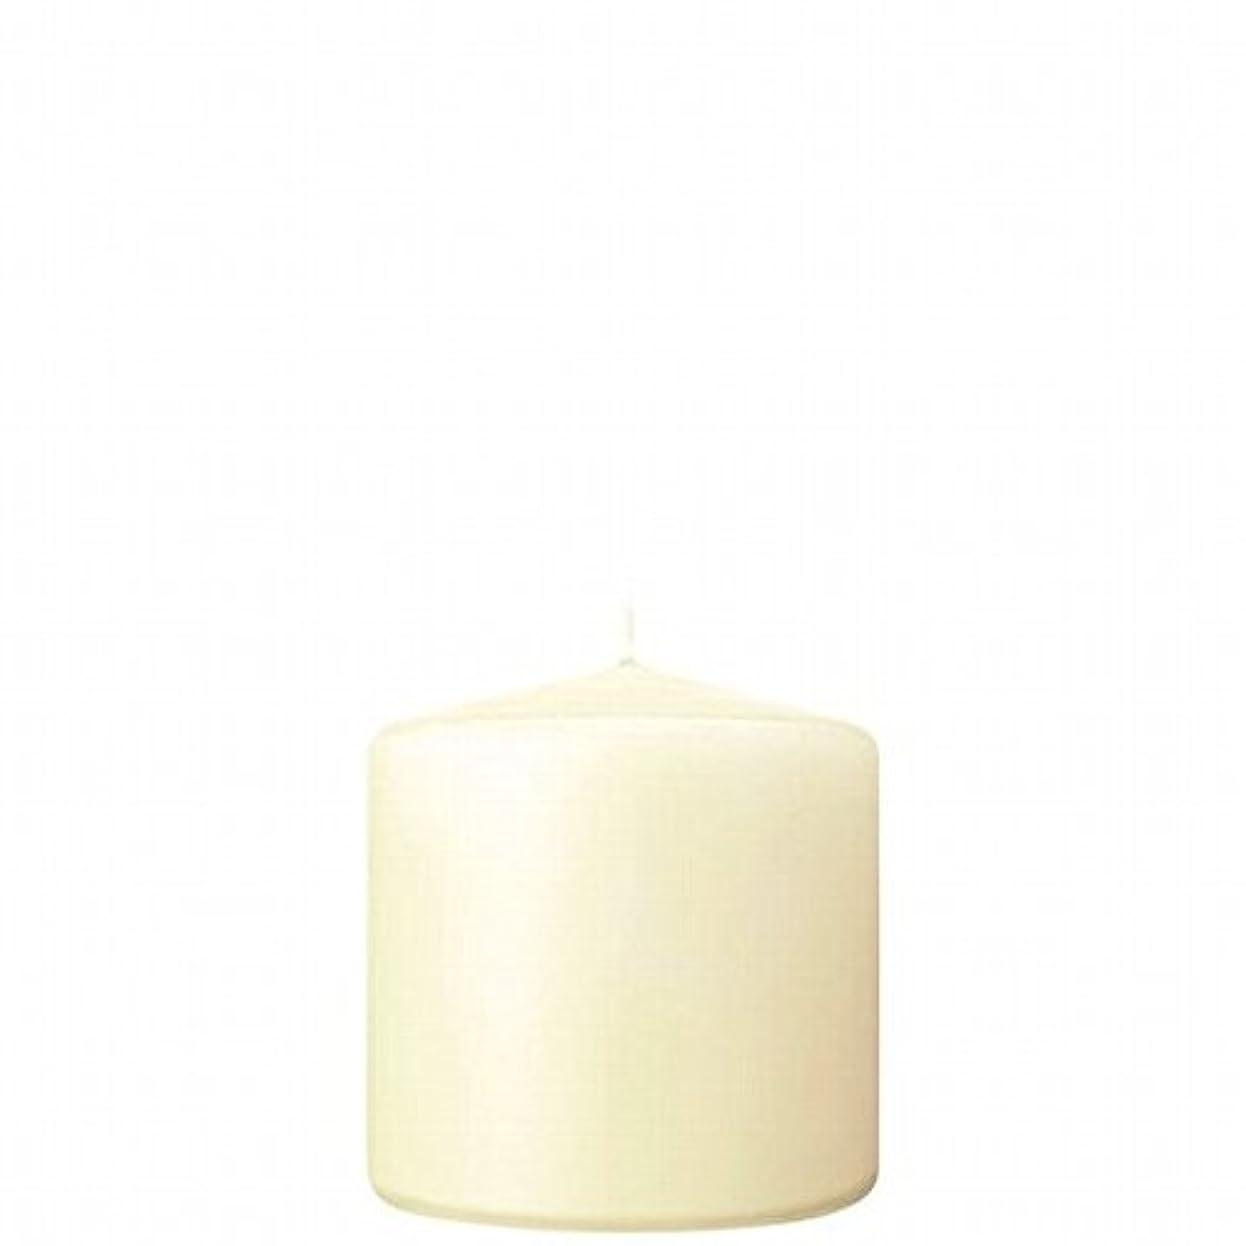 鉛飢饉明示的にkameyama candle(カメヤマキャンドル) 3×3ベルトップピラーキャンドル 「 アイボリー 」(A9730000IV)